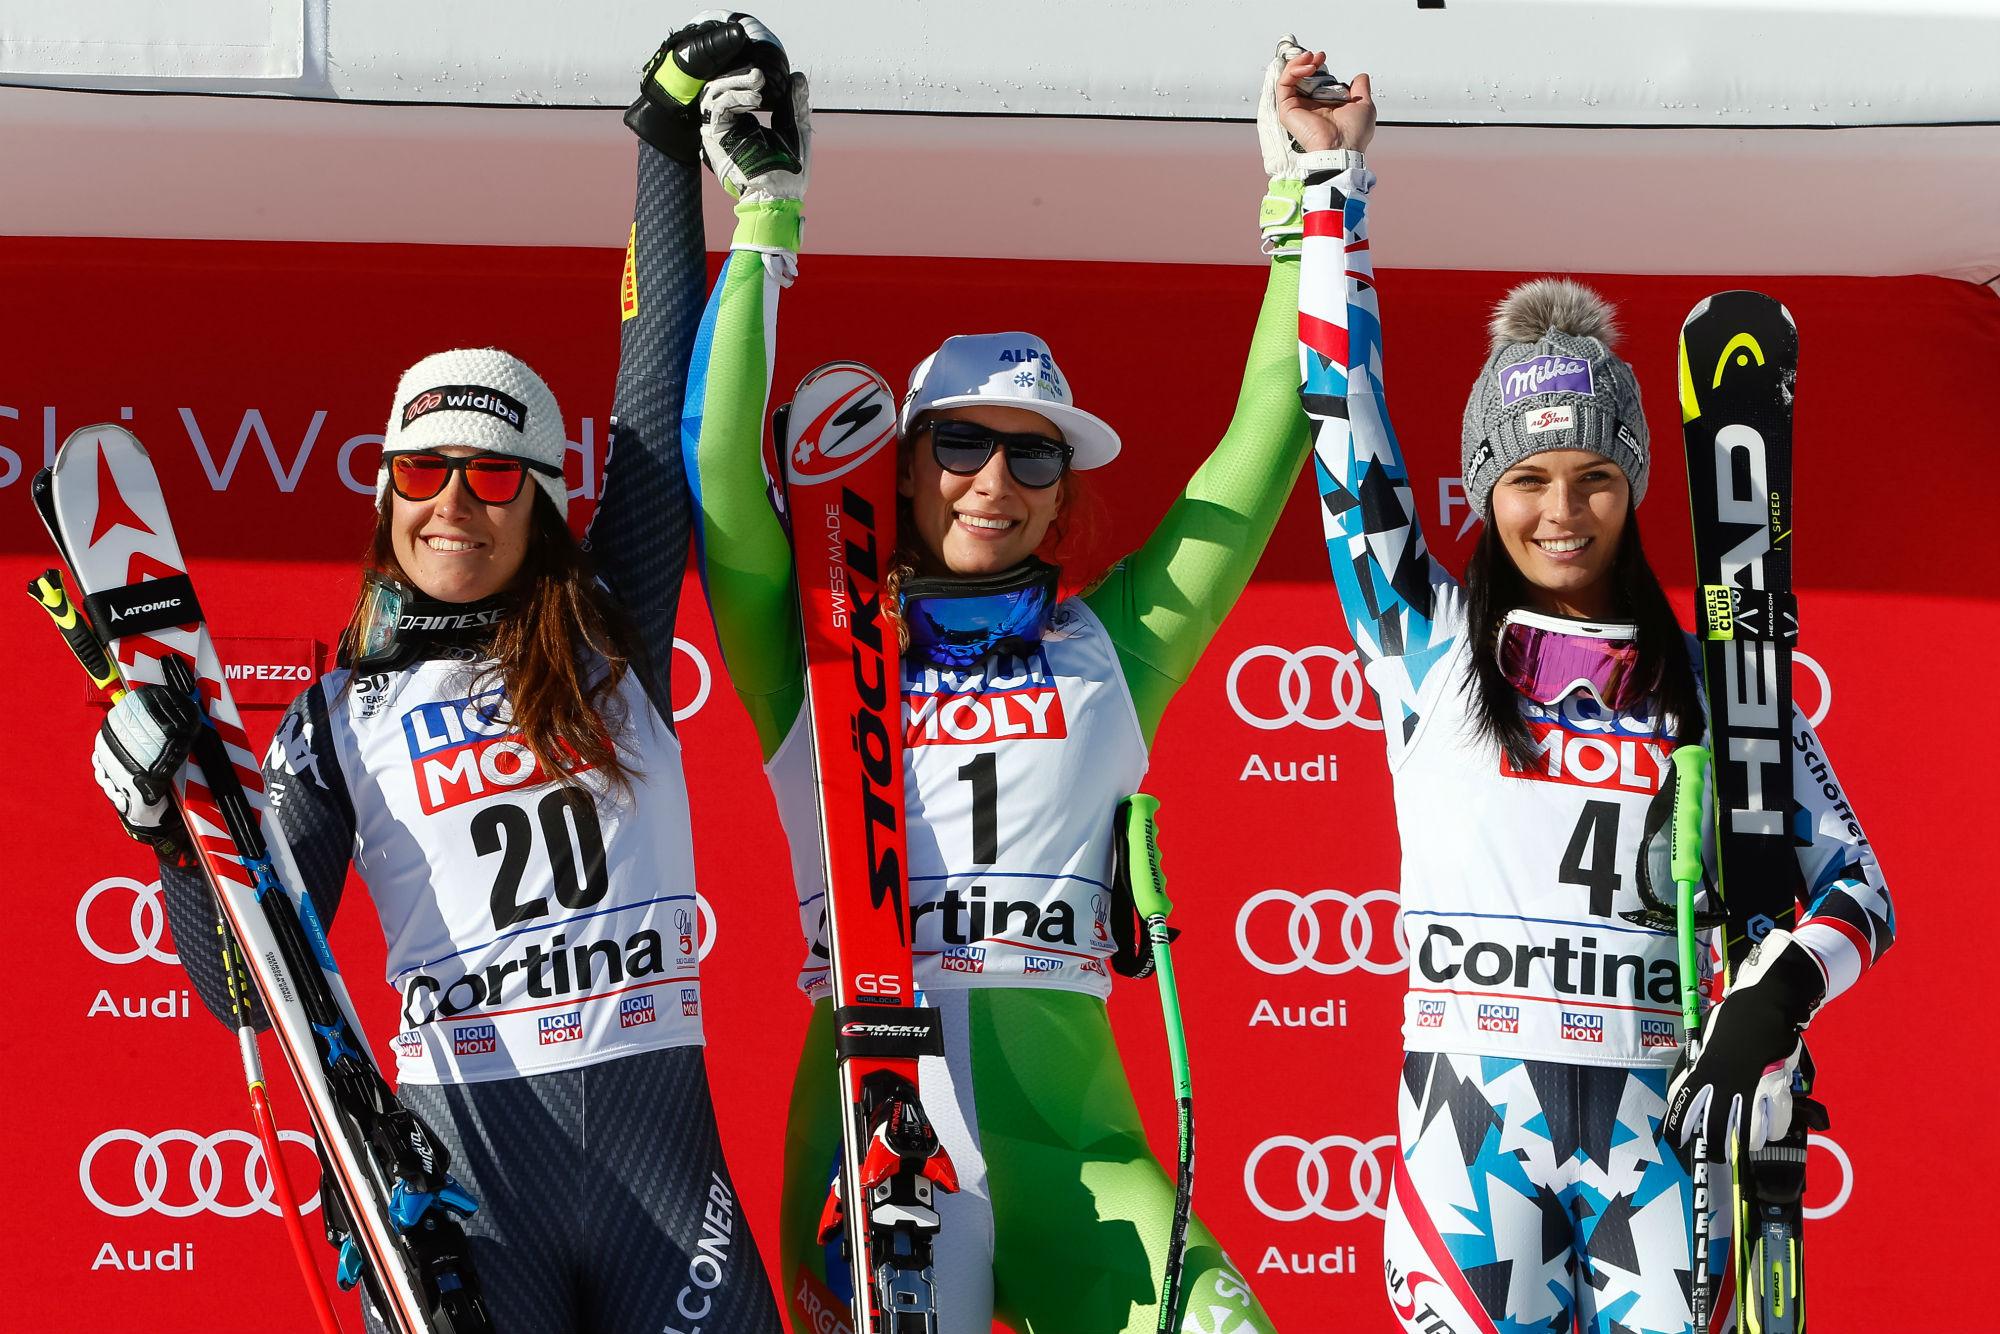 Da sinistra: Sofia Goggia, Ilka Stuhec, Anna Veith sul podio del superG a Cortina (@Zoom agence)